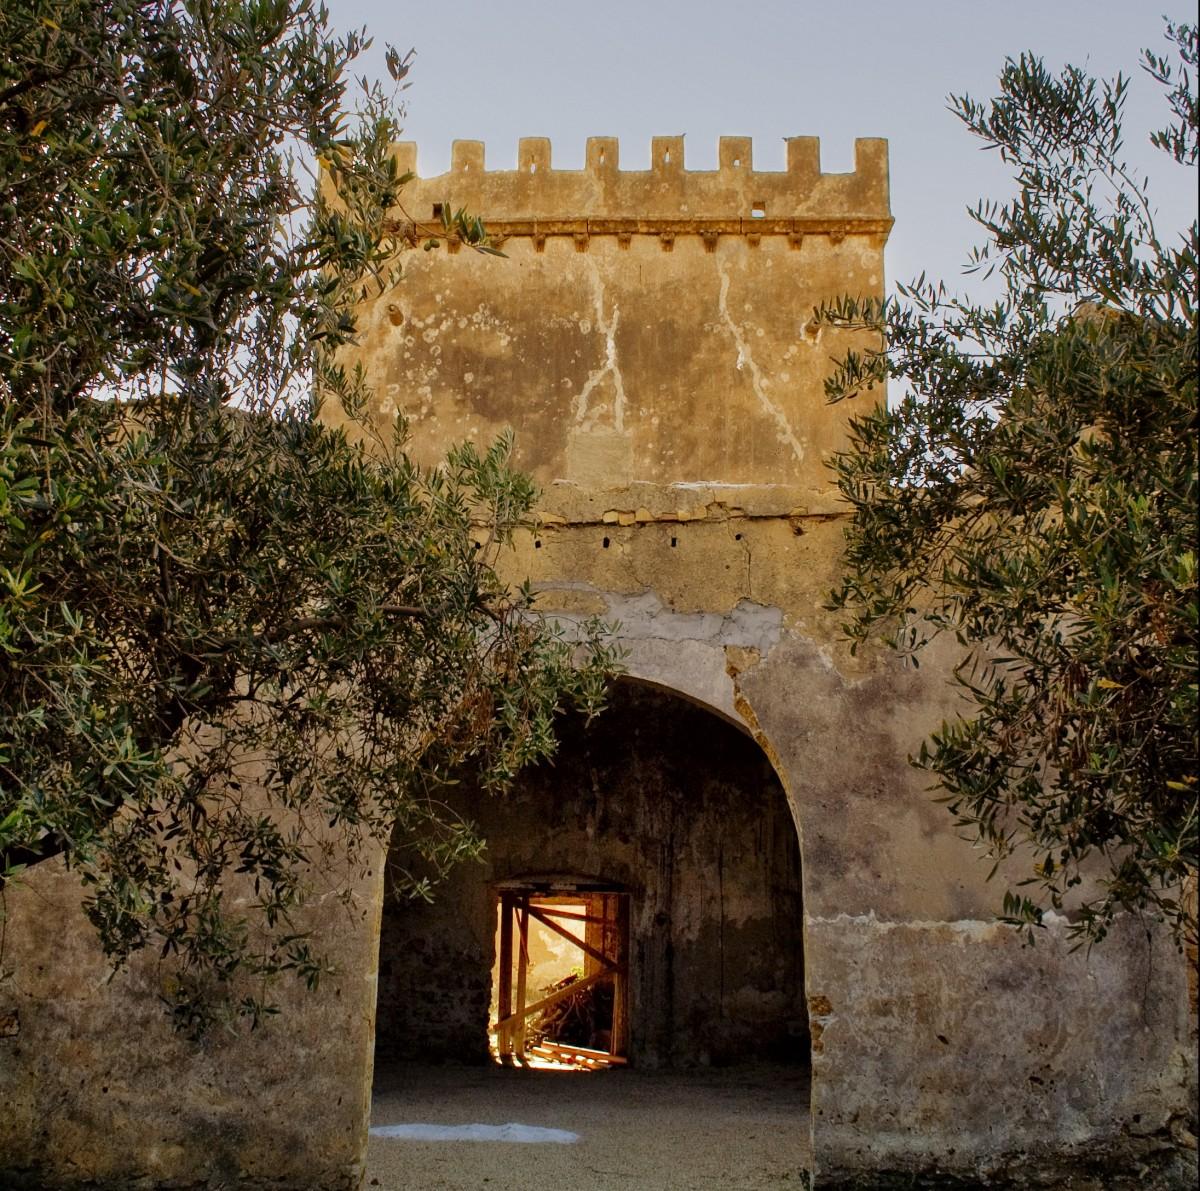 La Torre: da presidio del borgo circostante a simbolo delle Cantine. La verità su questo prezioso reperto.